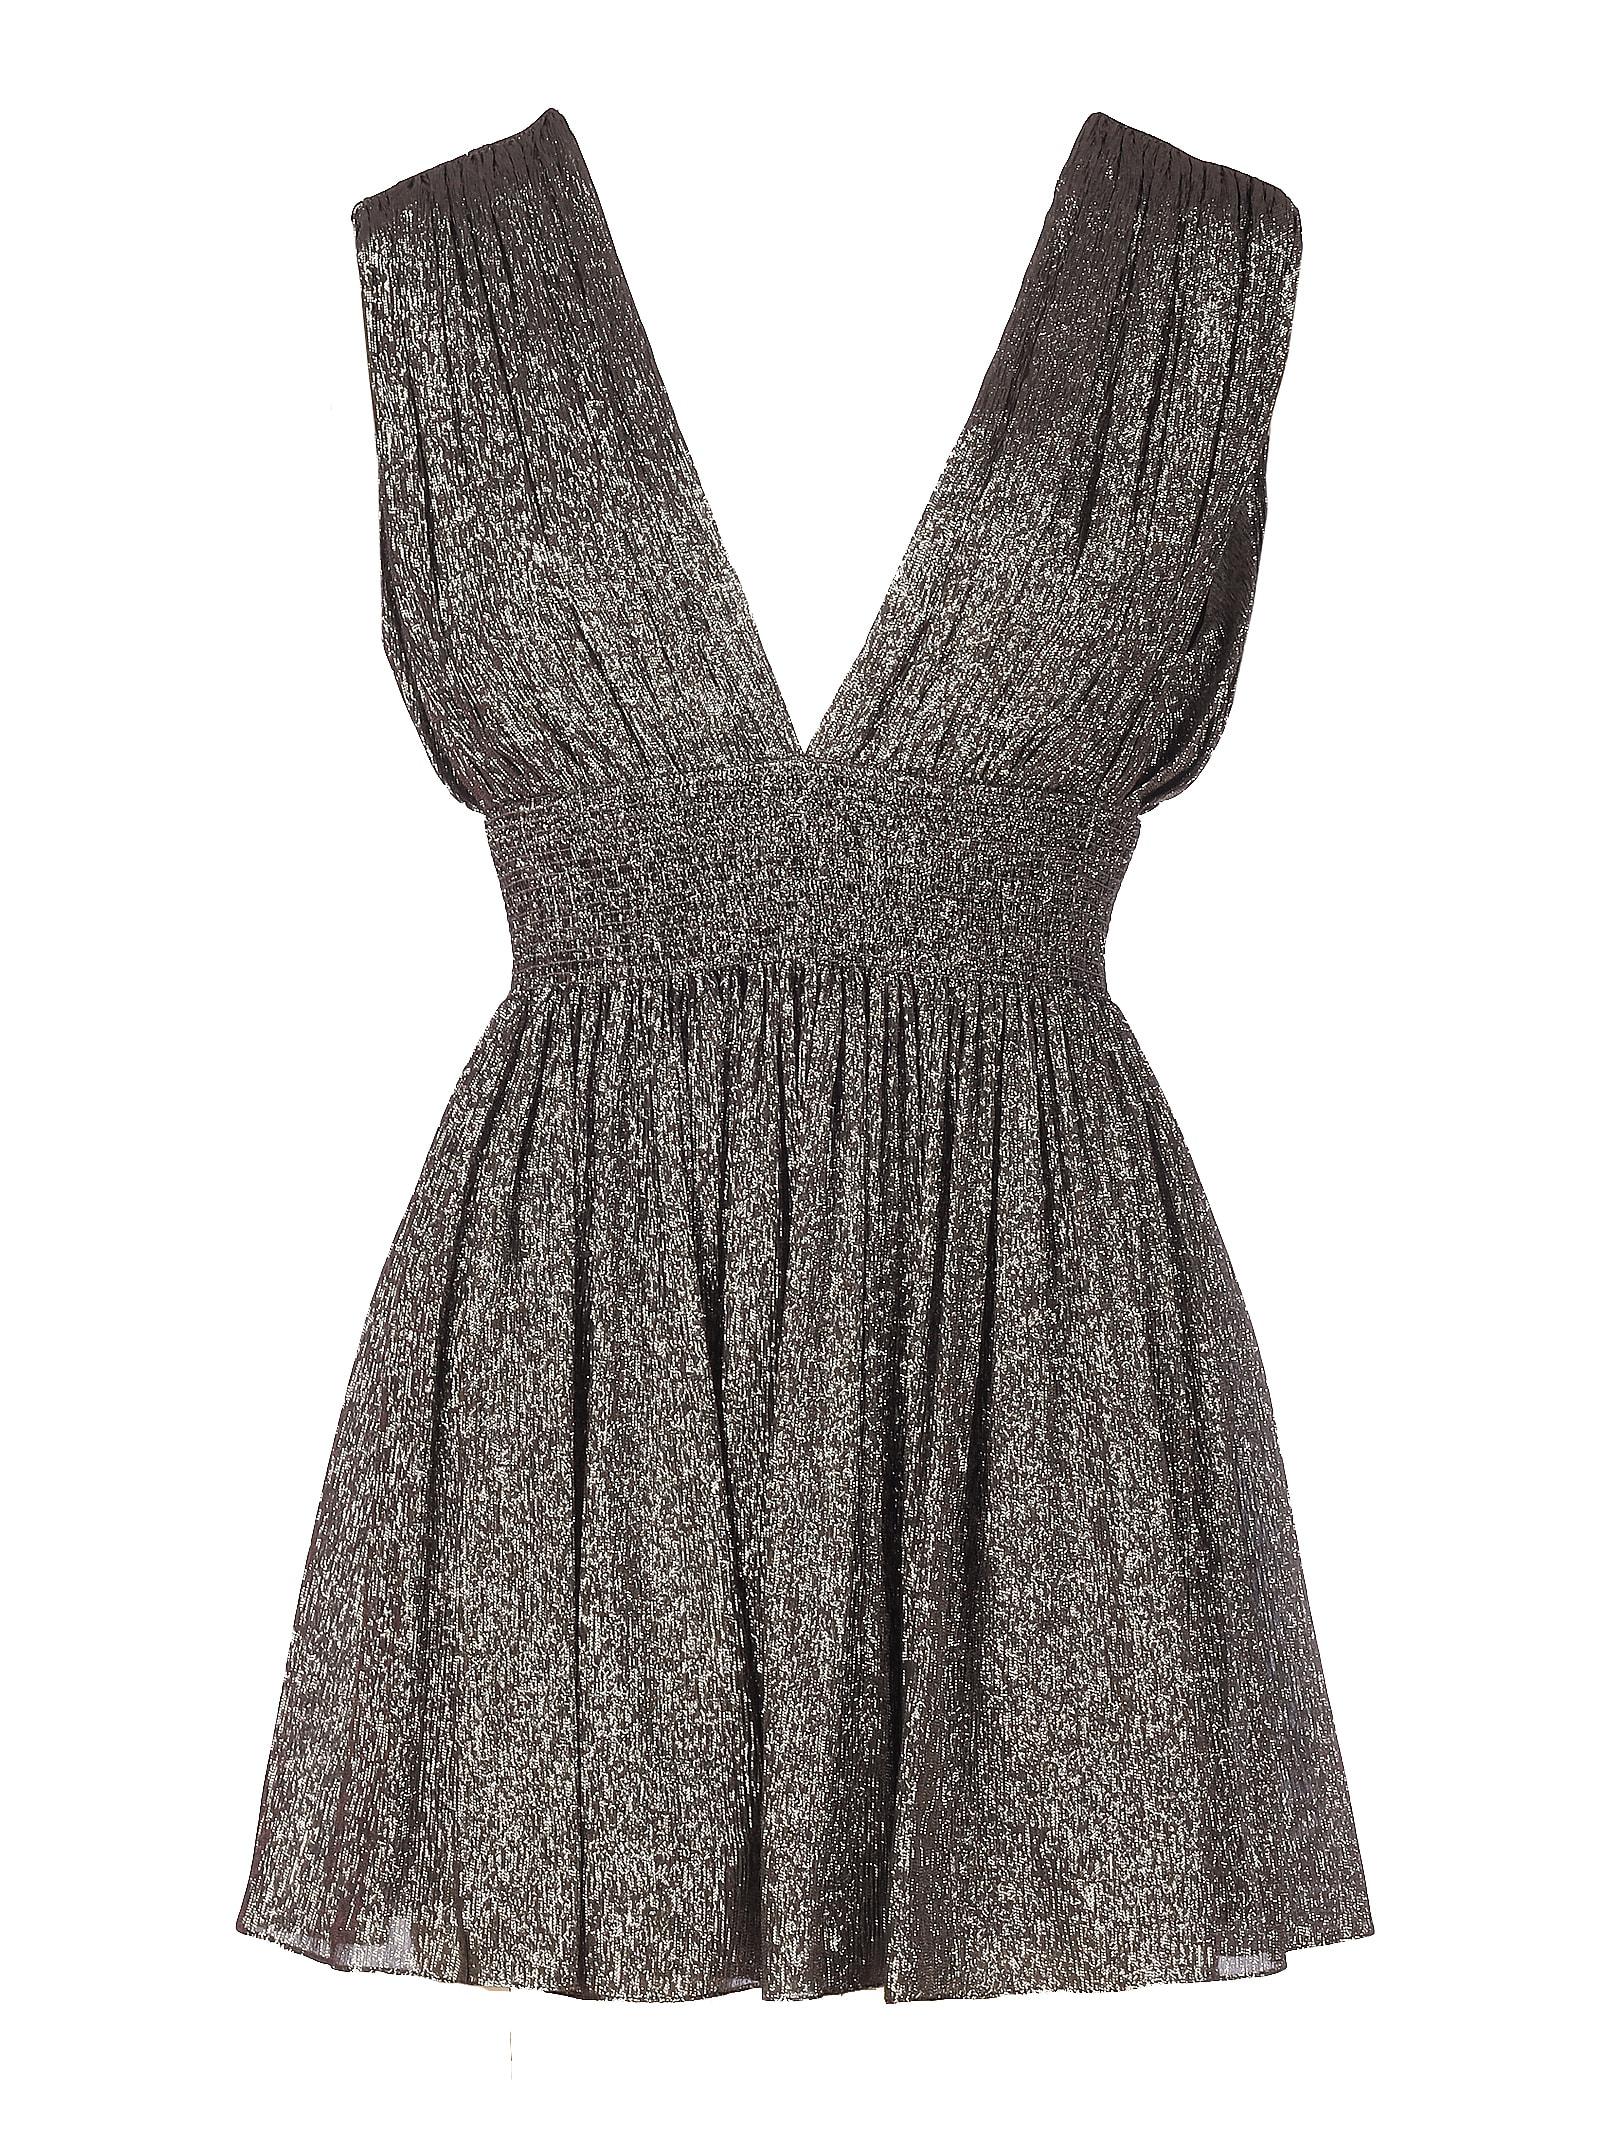 Buy Saint Laurent Jersey Lurex Dress online, shop Saint Laurent with free shipping